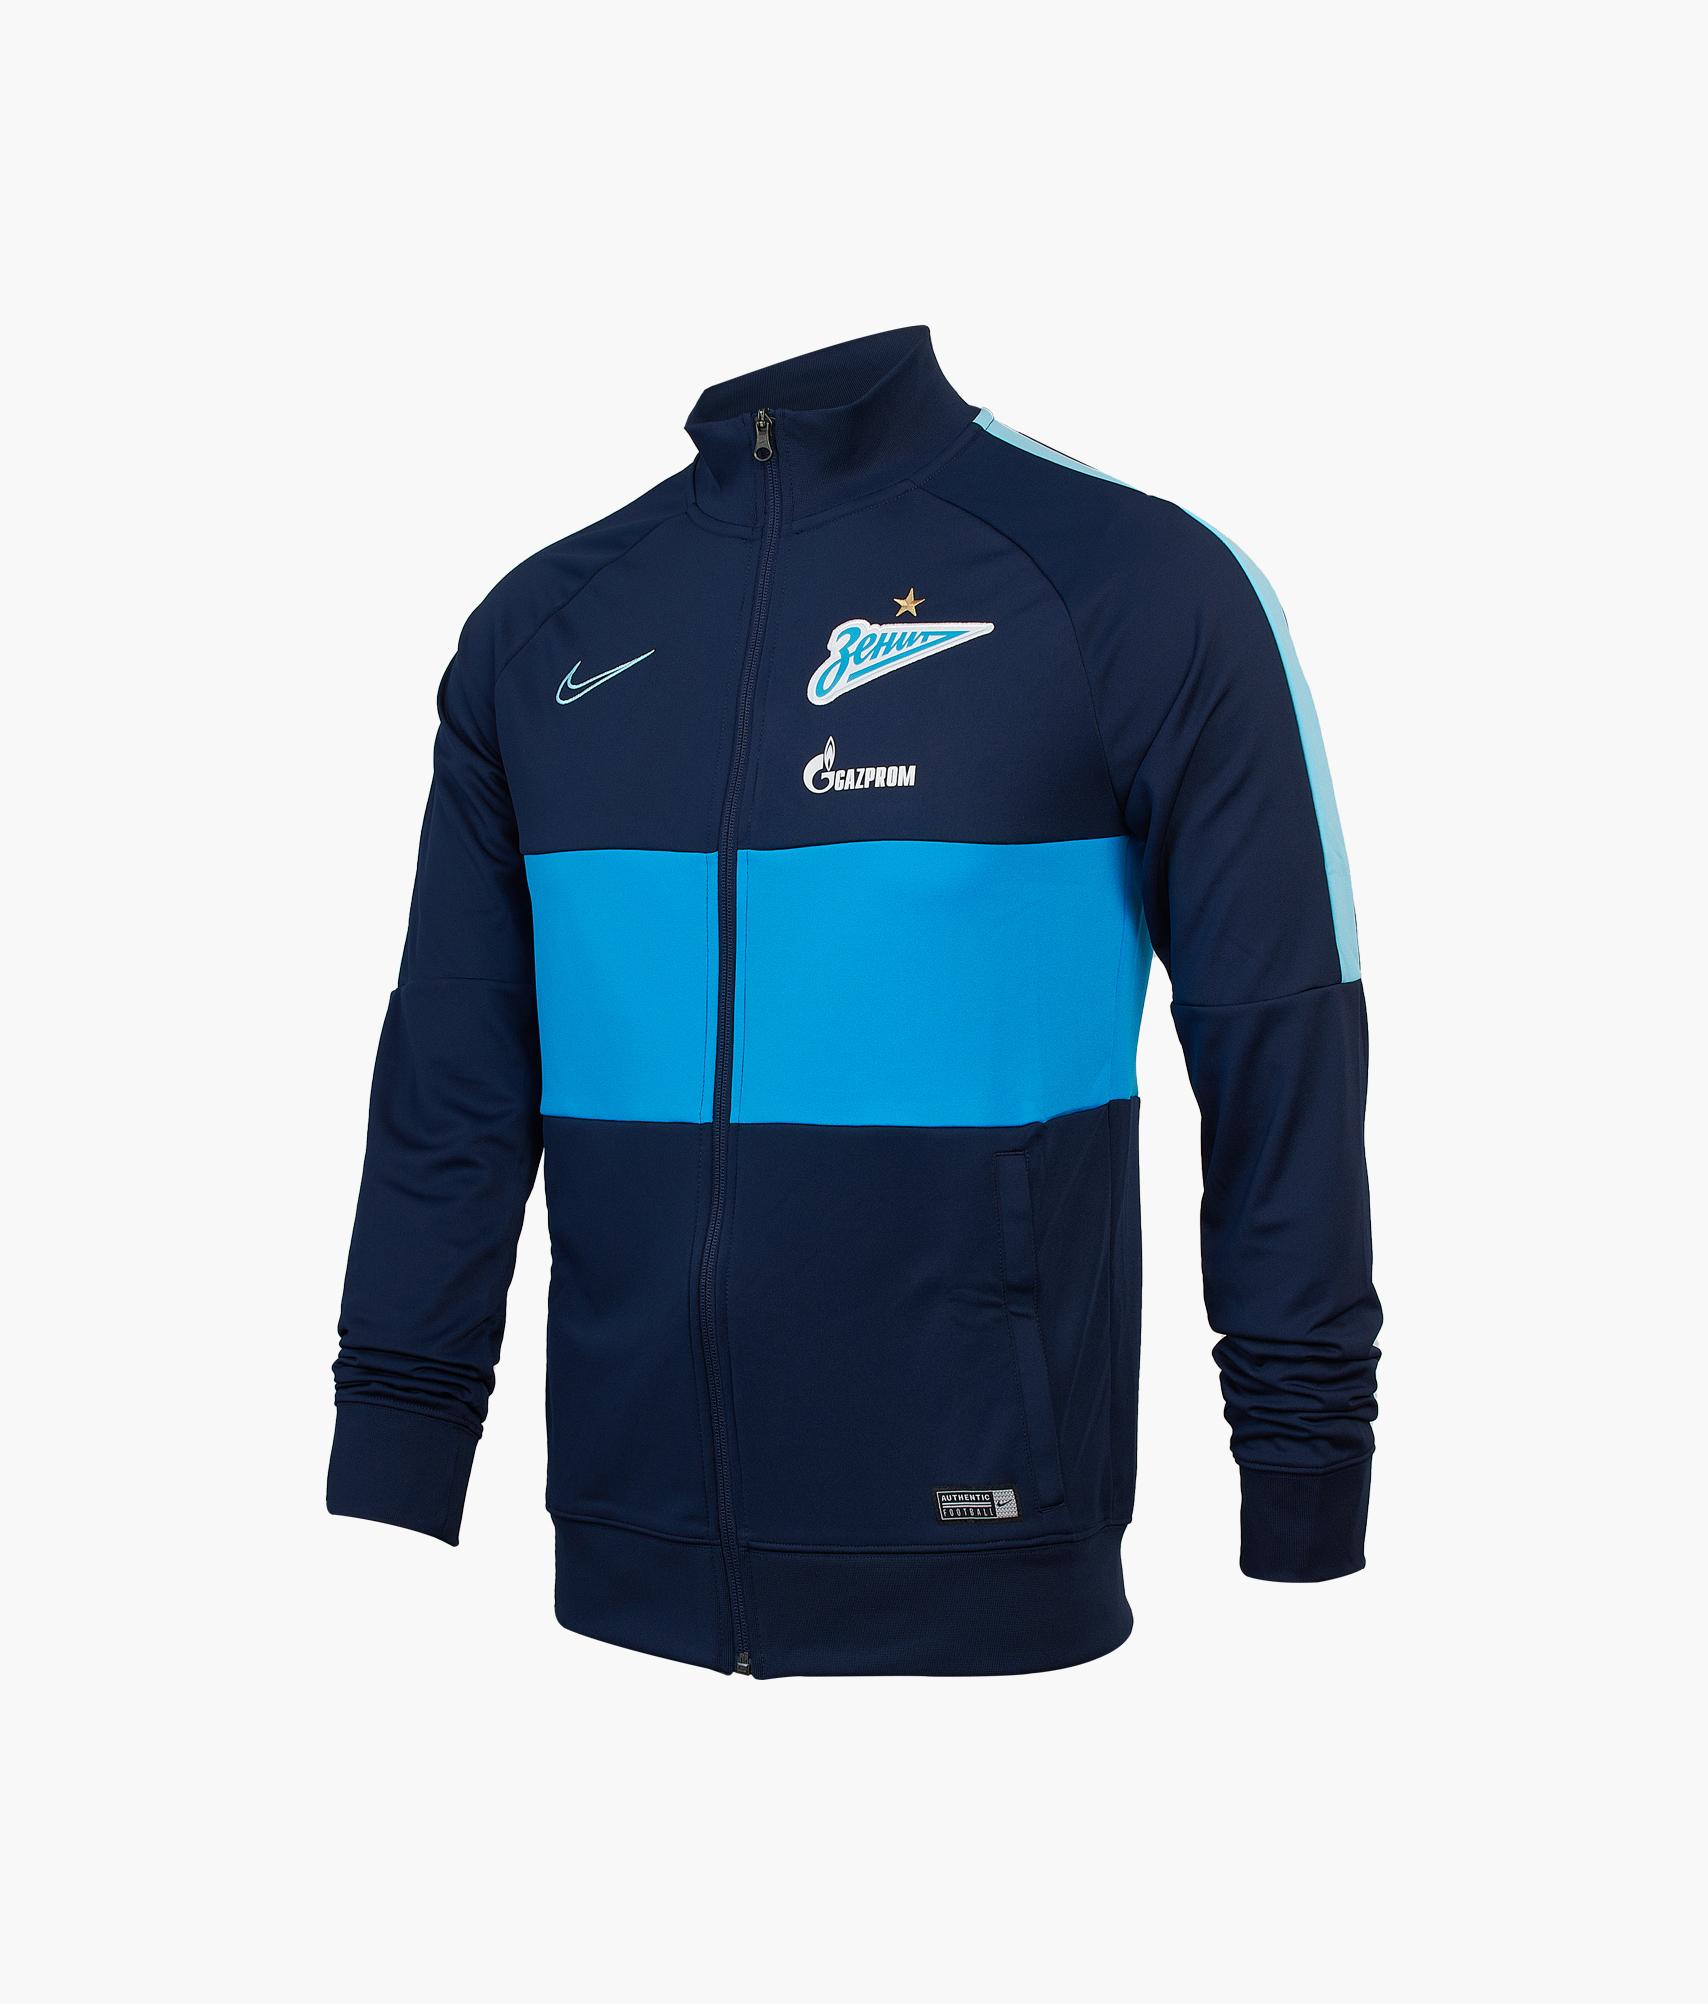 Куртка от костюма Nike Zenit сезона 2019/20 Nike Цвет-Темно-Синий куртка утепленная подростковая nike цвет синий